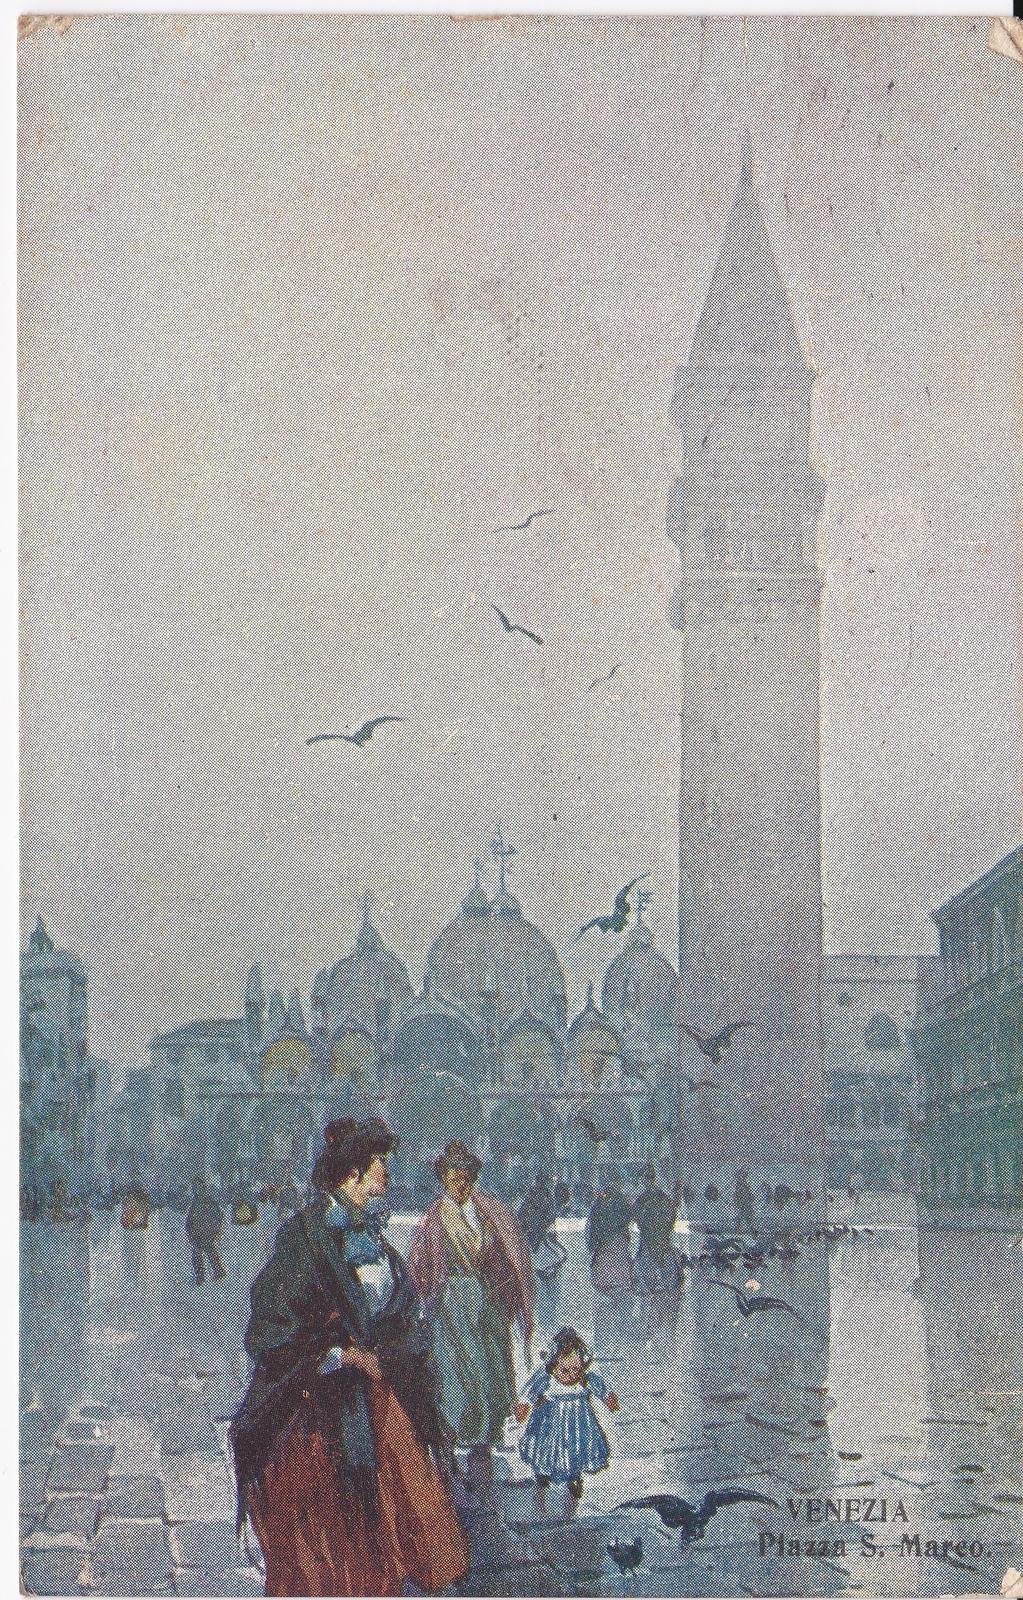 rencontres Venezia Comment dire à un gars de votre pas datant que vous l'aimez